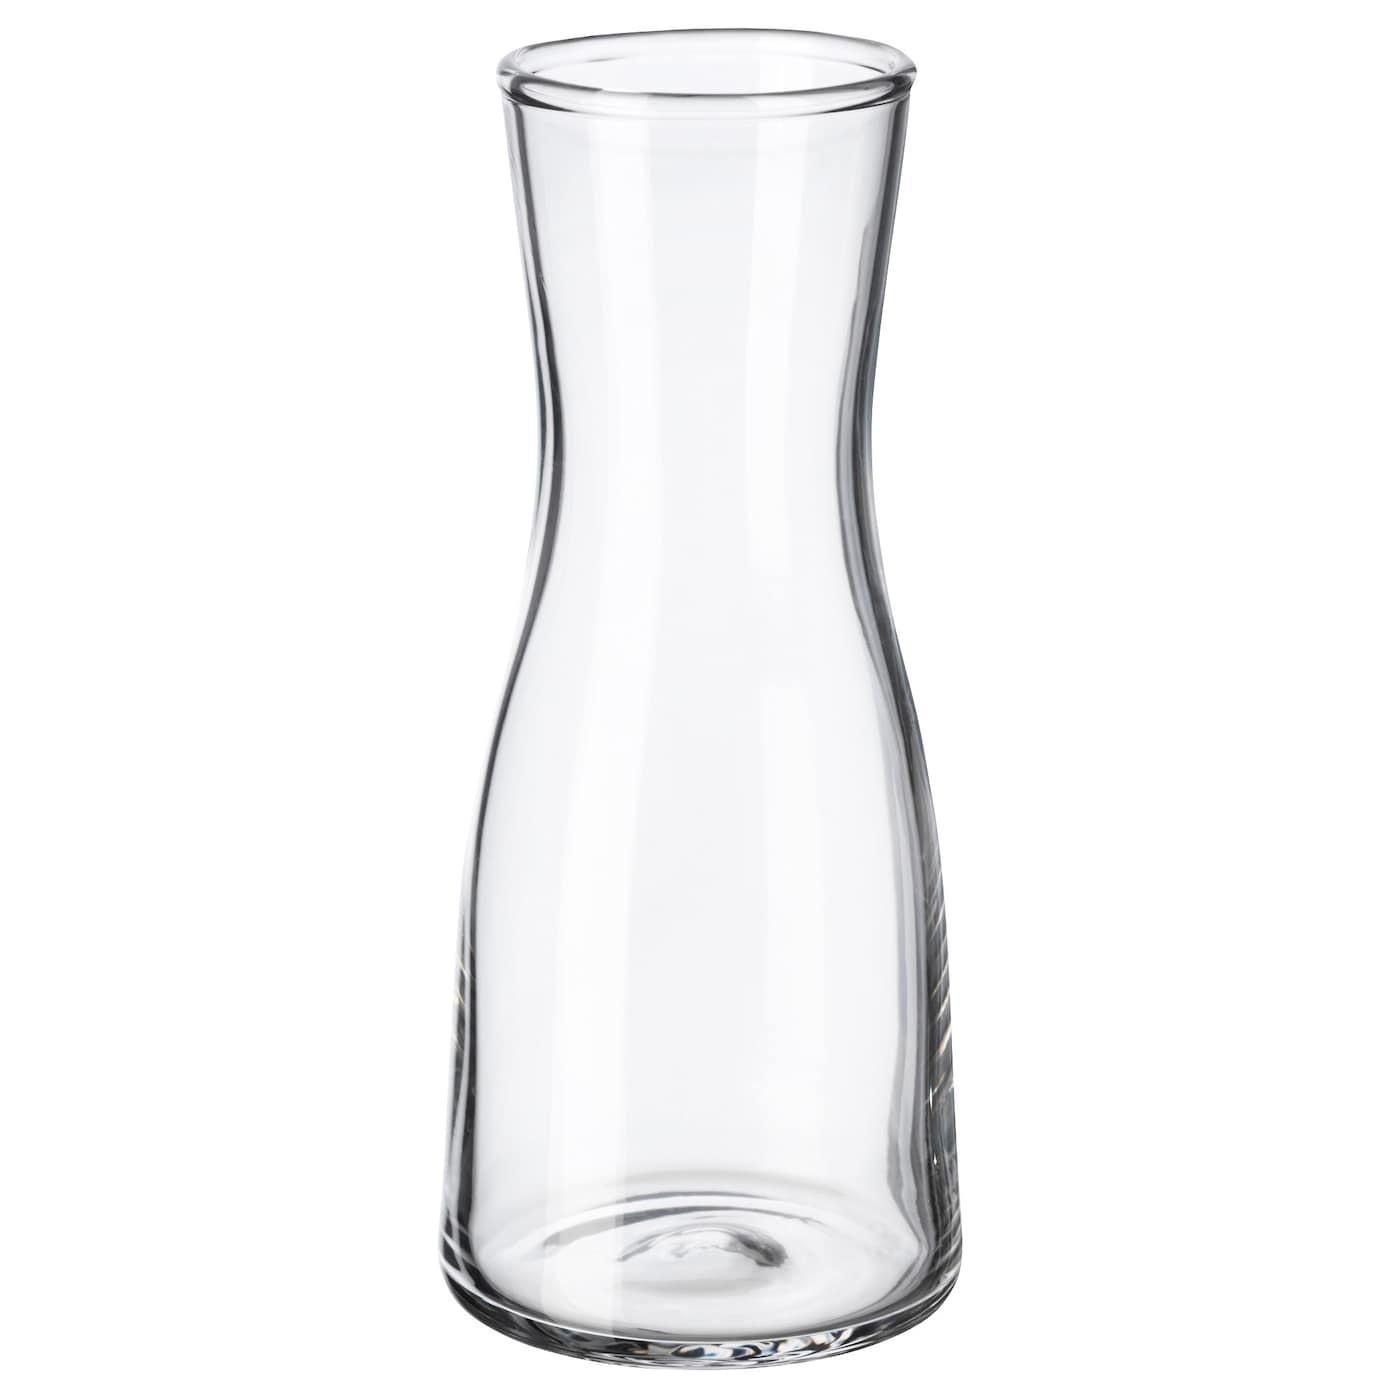 45cm jarrón de flores Ikea beräkna jarrón de cristal claro;